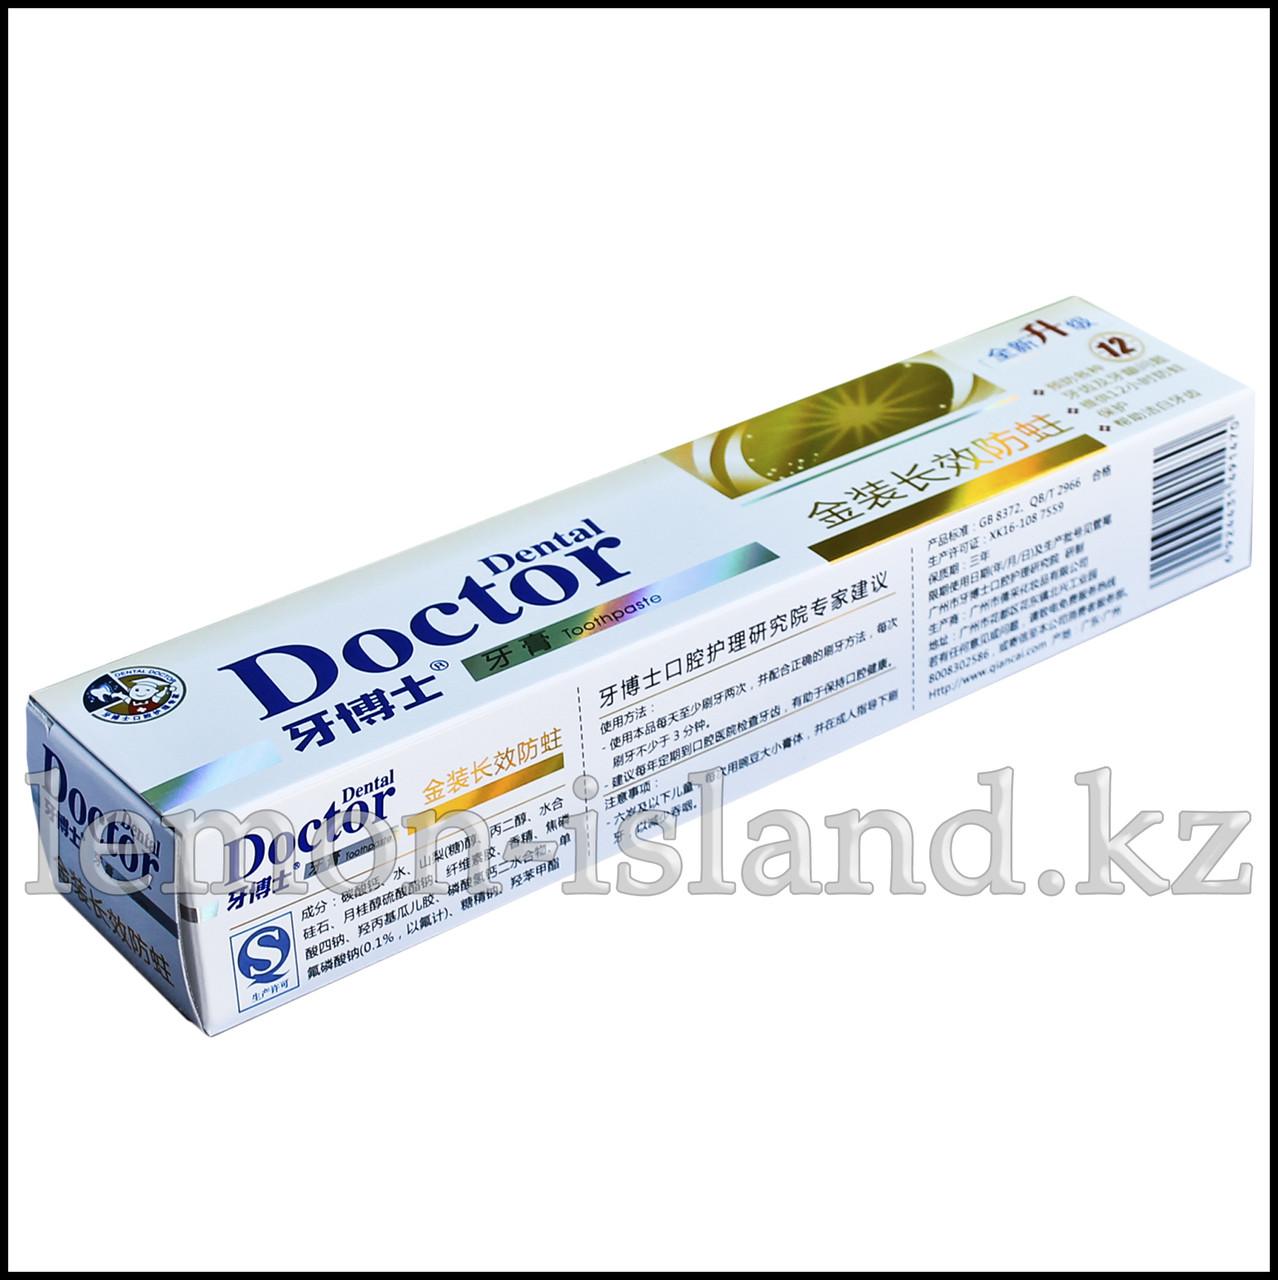 Зубная паста Dental Doctor антибактериальная, 120 г.